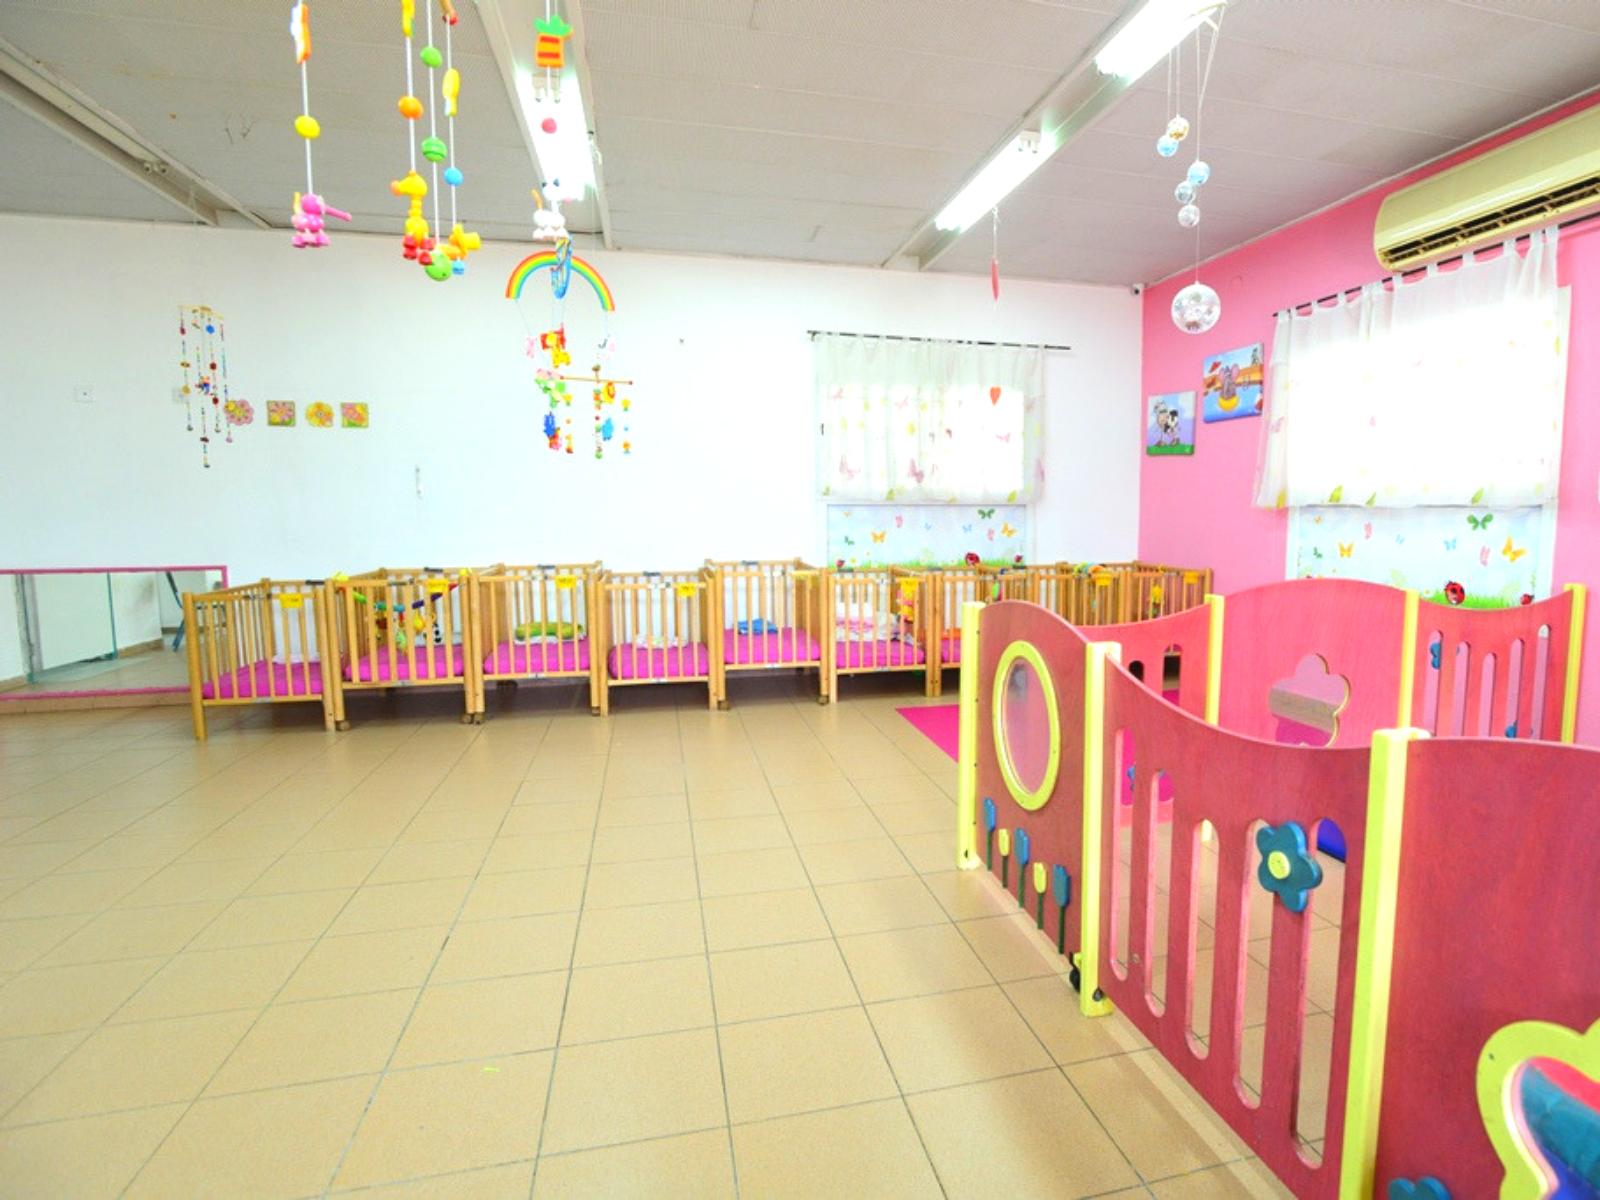 כיתת-התינוקייה-במעון-יום-לגיל-הרך